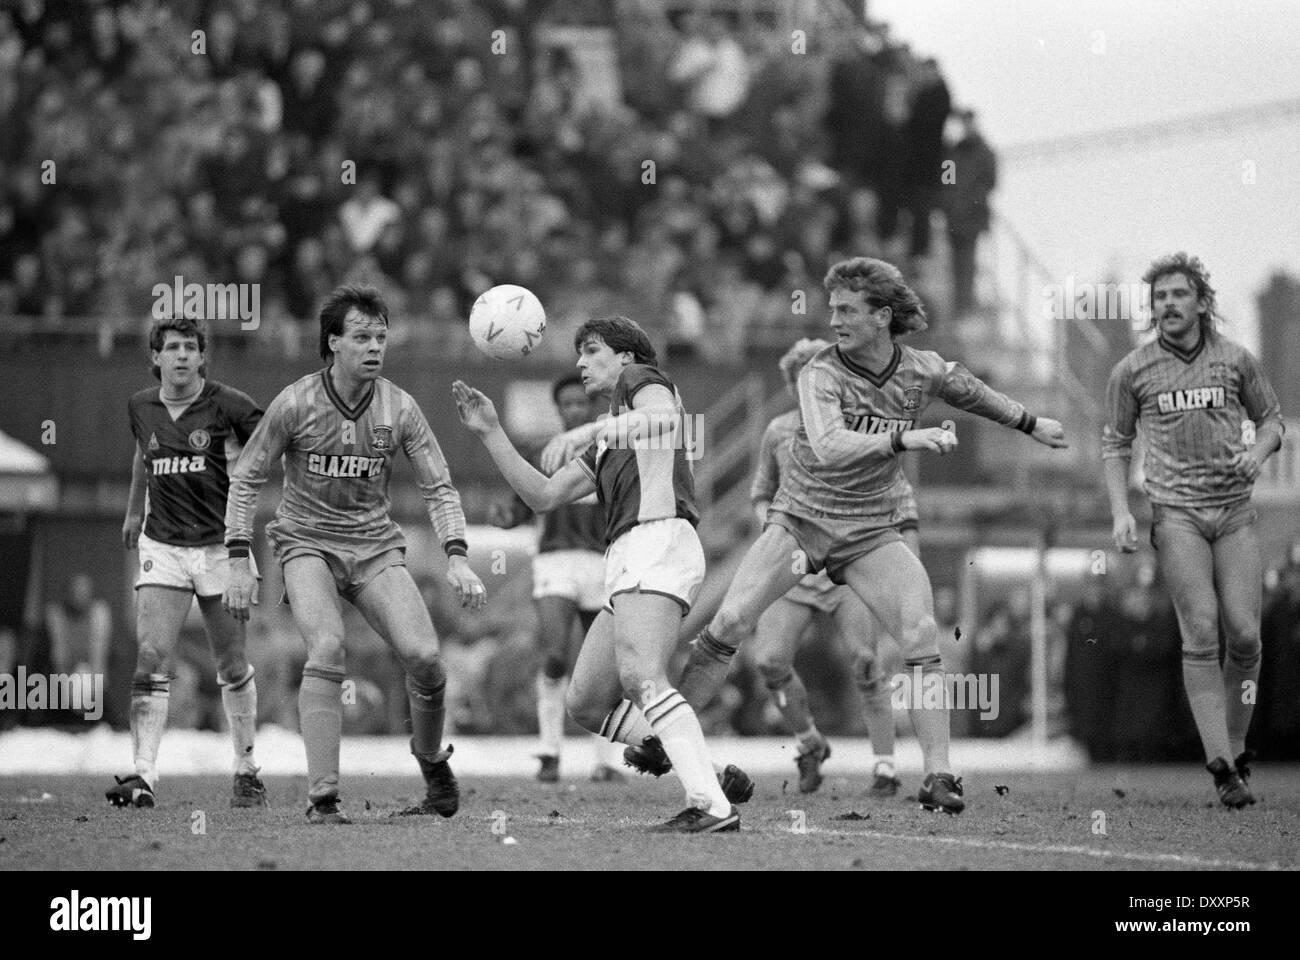 Fußballer Paul Rideout und Trevor Peake. COVENTRY CITY V ASTON VILLA 19.01.1985 Stockbild